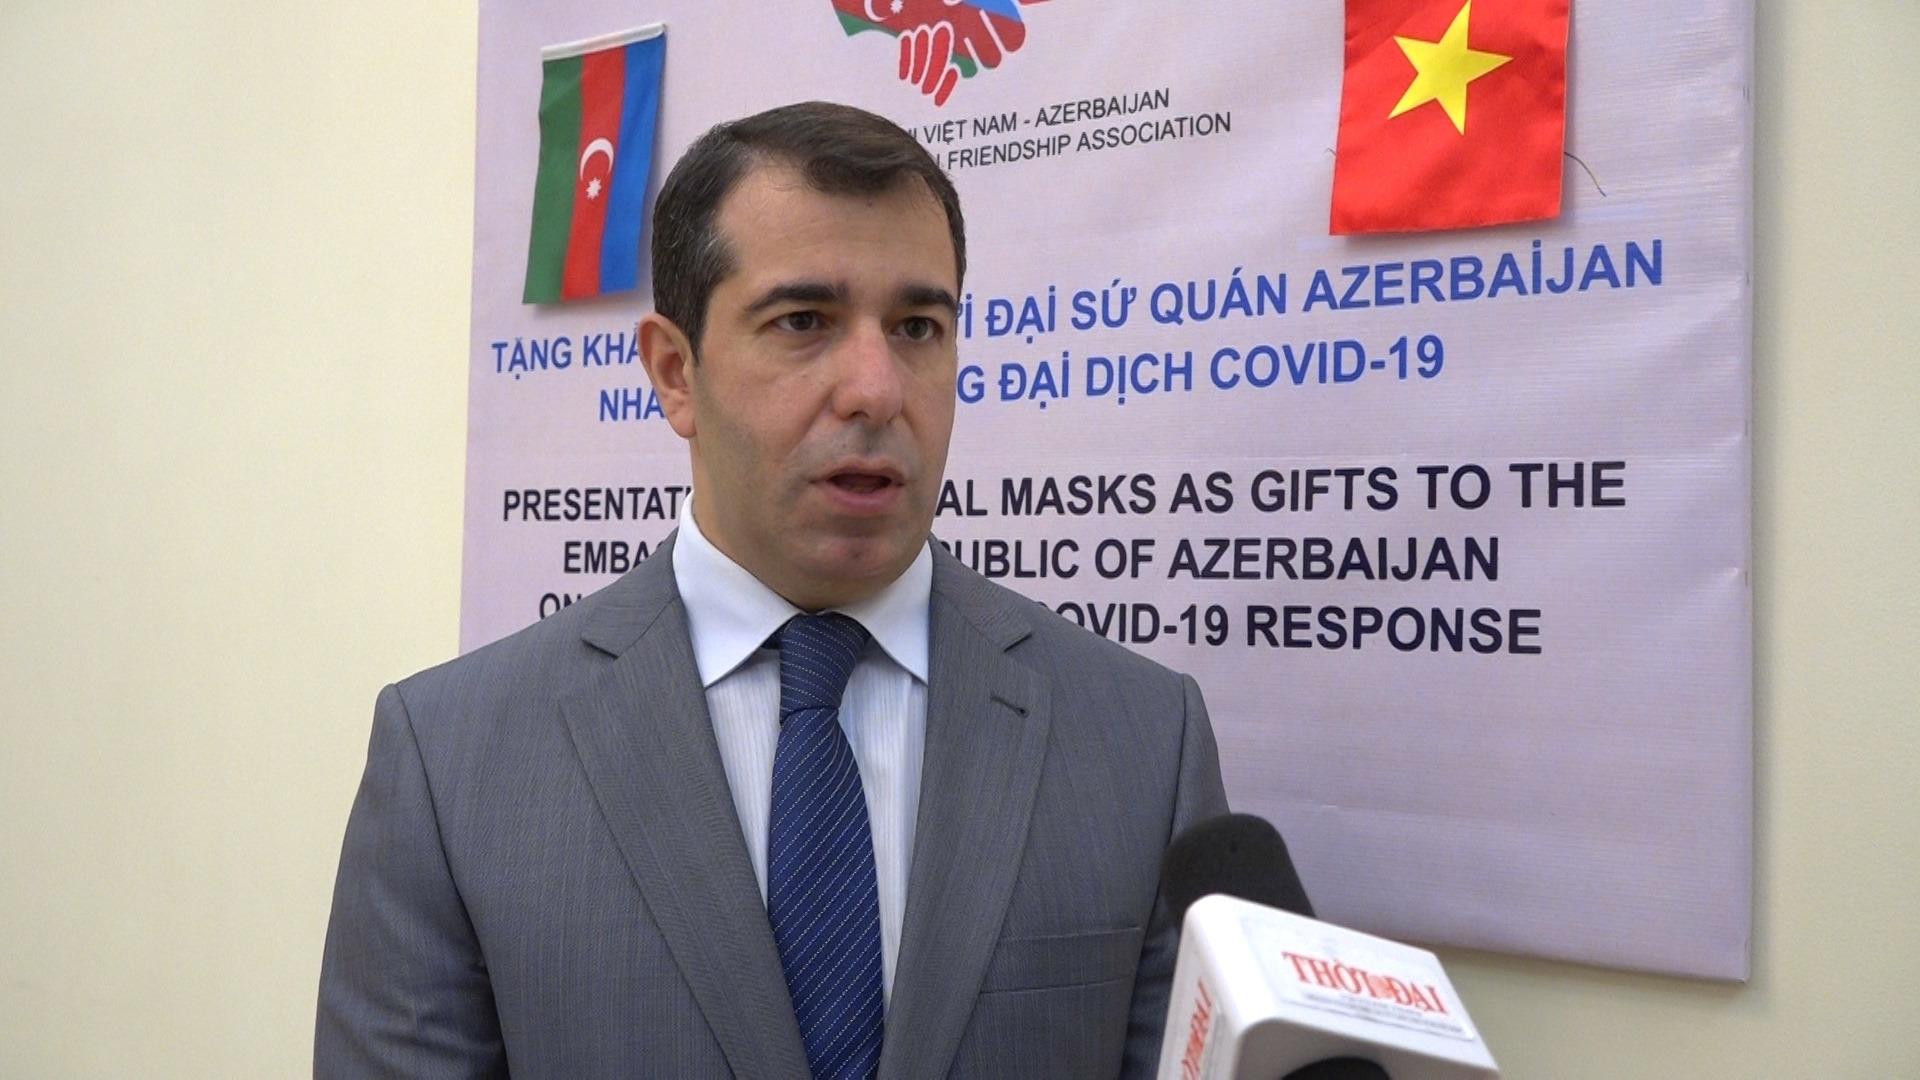 ສະມາຄ ມມ ດຕະພາບຫວຽດນາມ azerbaijan ໄດ ມອບອ ປະກອນການແພດ ເພ ອຊ ວຍເຫ ອປະຊາຊ ນ azerbaijan